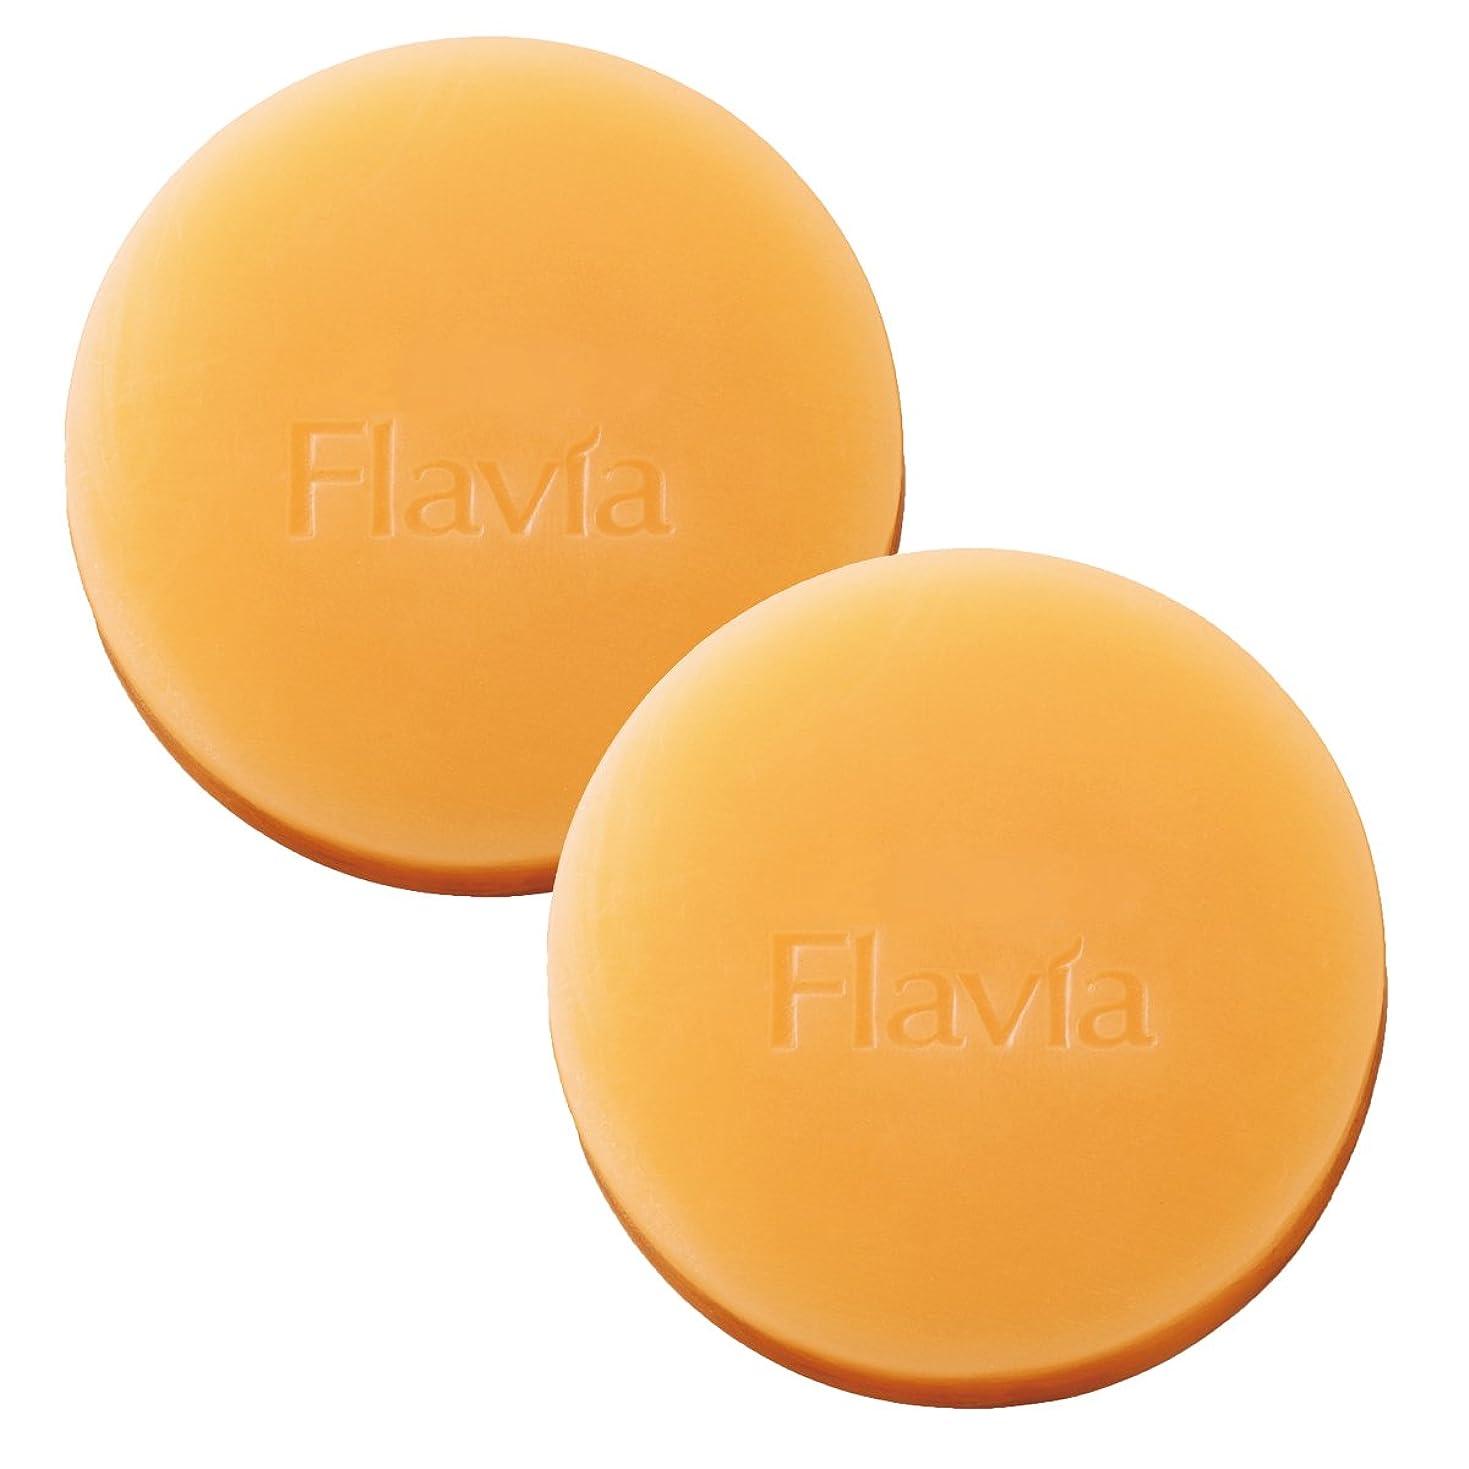 プレーヤーエイリアス代わりにを立てるフォーマルクライン 薬用 フラビア ソープ 夜用 2個セット 洗顔 石けん